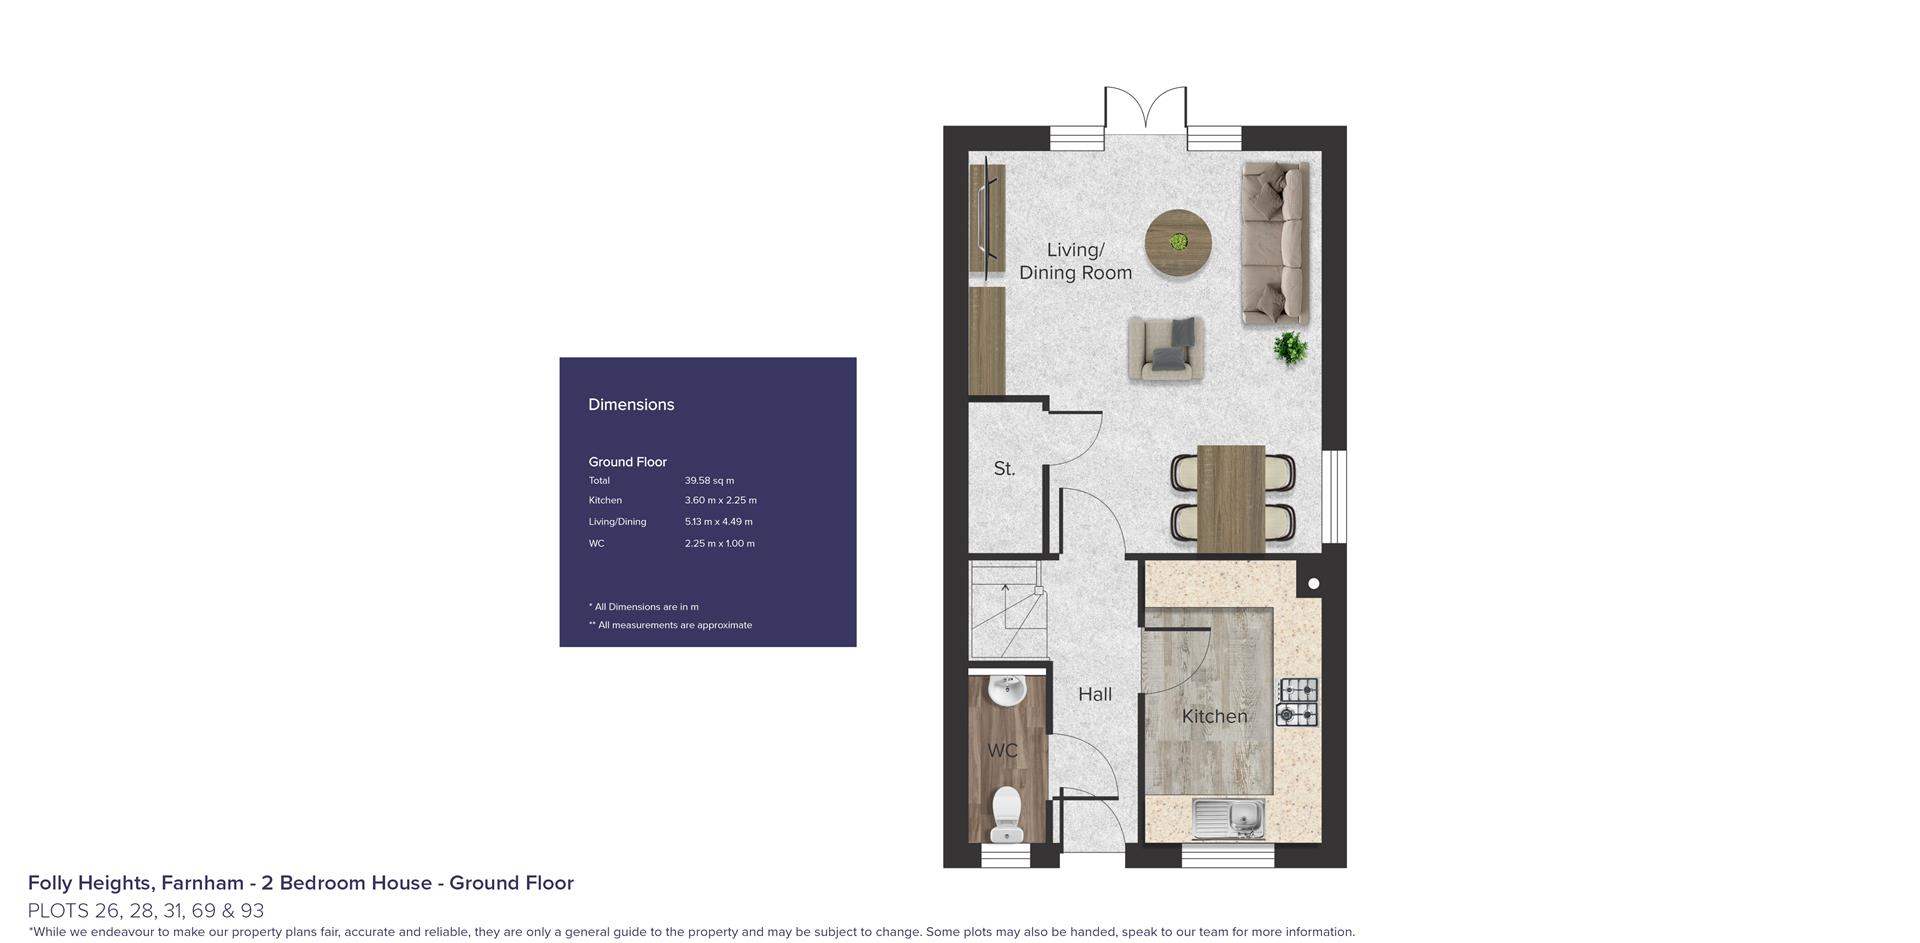 Folly Heights, Farnham_ Plots 26, 28, 31, 69 & 93_